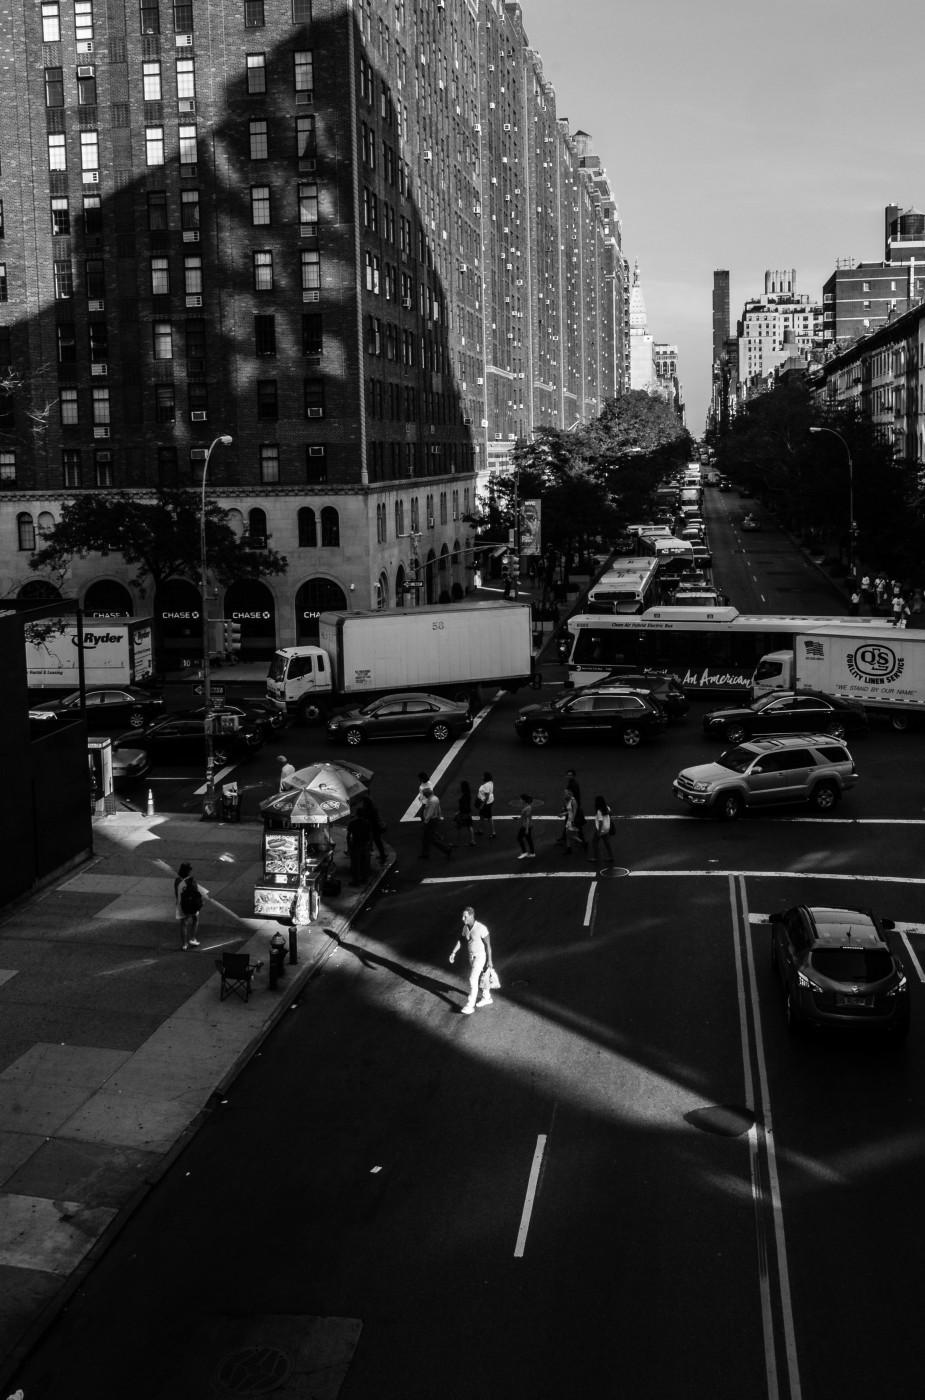 Philip Desjardins, </span><span><em>CROSSINGS, NYC</em>, </span><span>2015